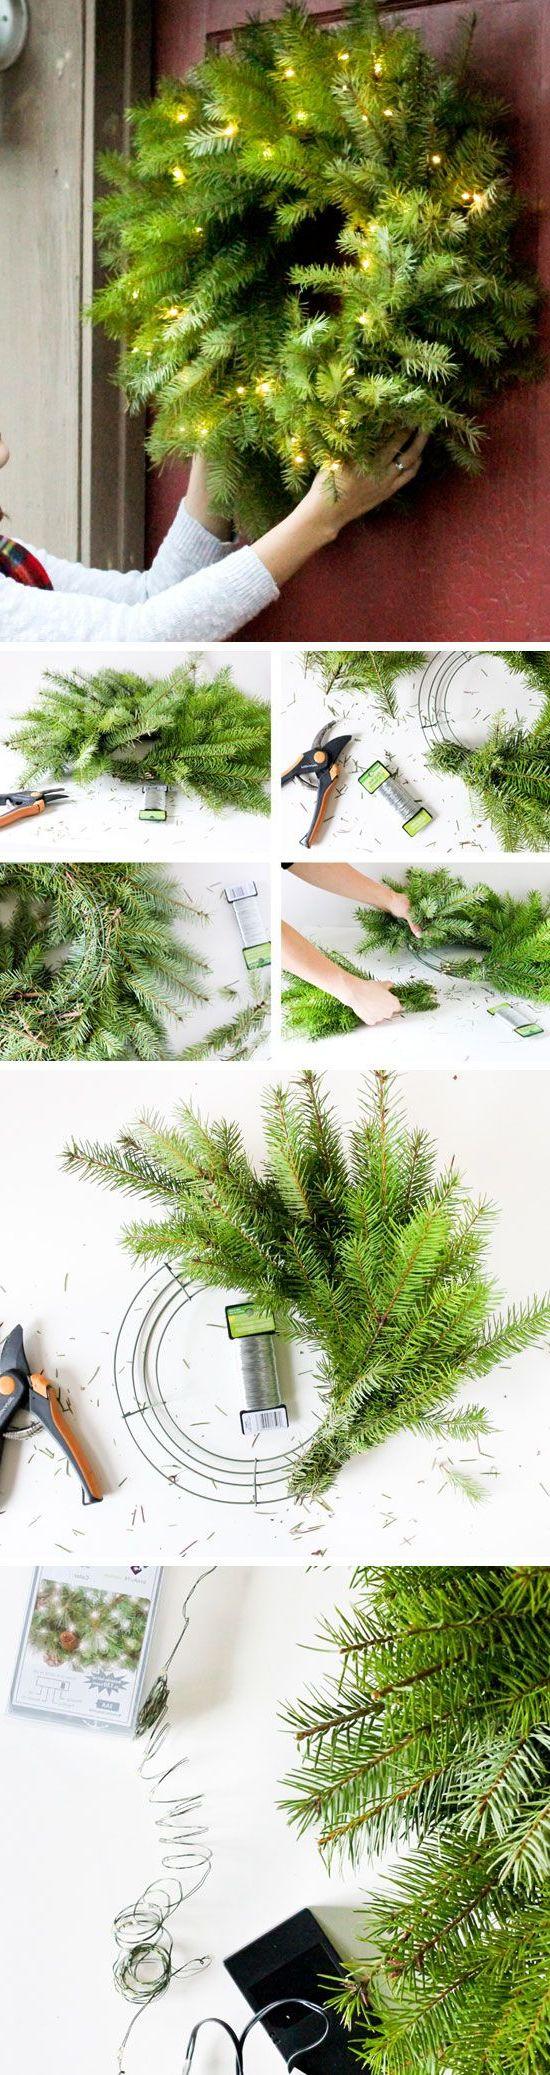 Türkranz Weihnachten selber machen